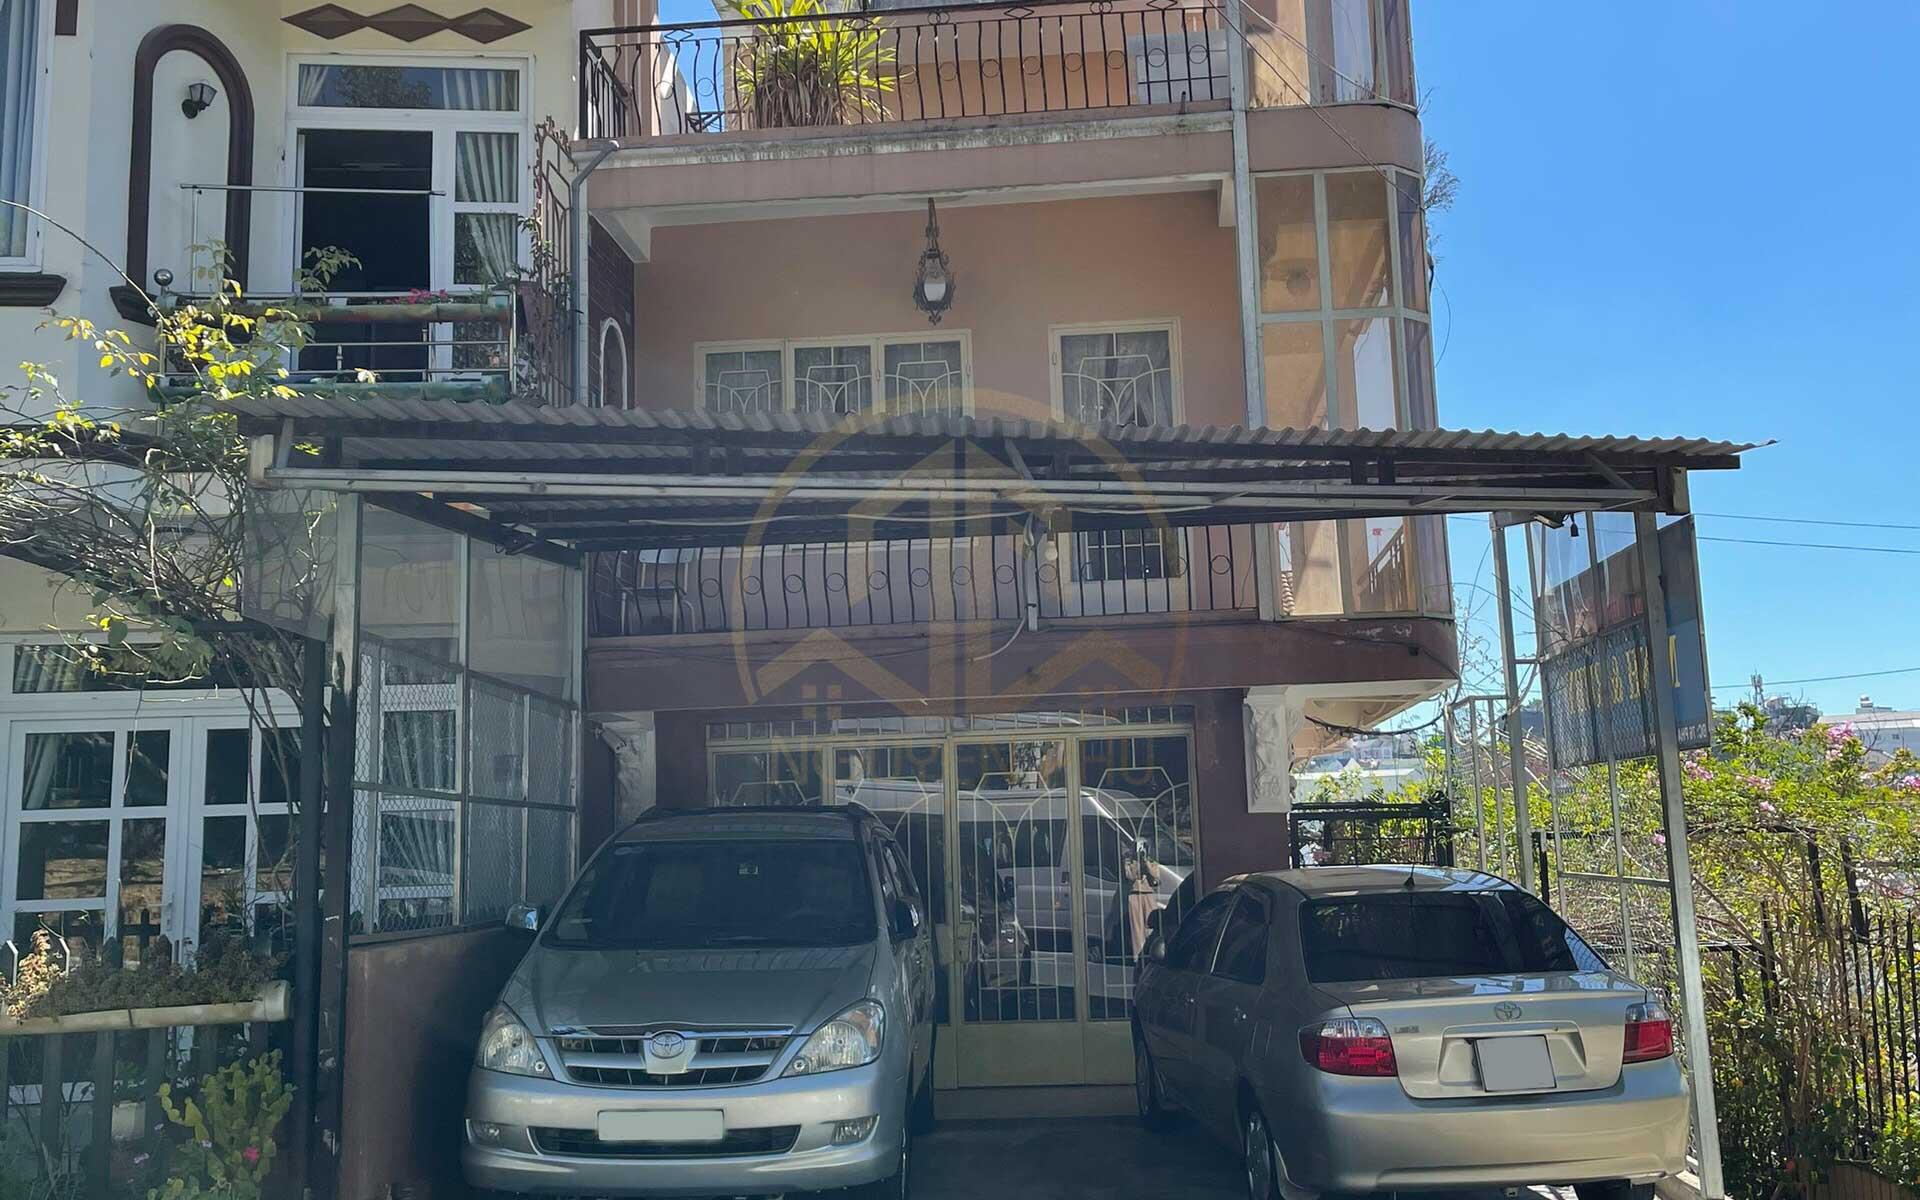 Bán nhà Phạm Ngọc Thạch Đà Lạt diện tích 144m² mặt tiền đường, gần ngay trung tâm thành phố